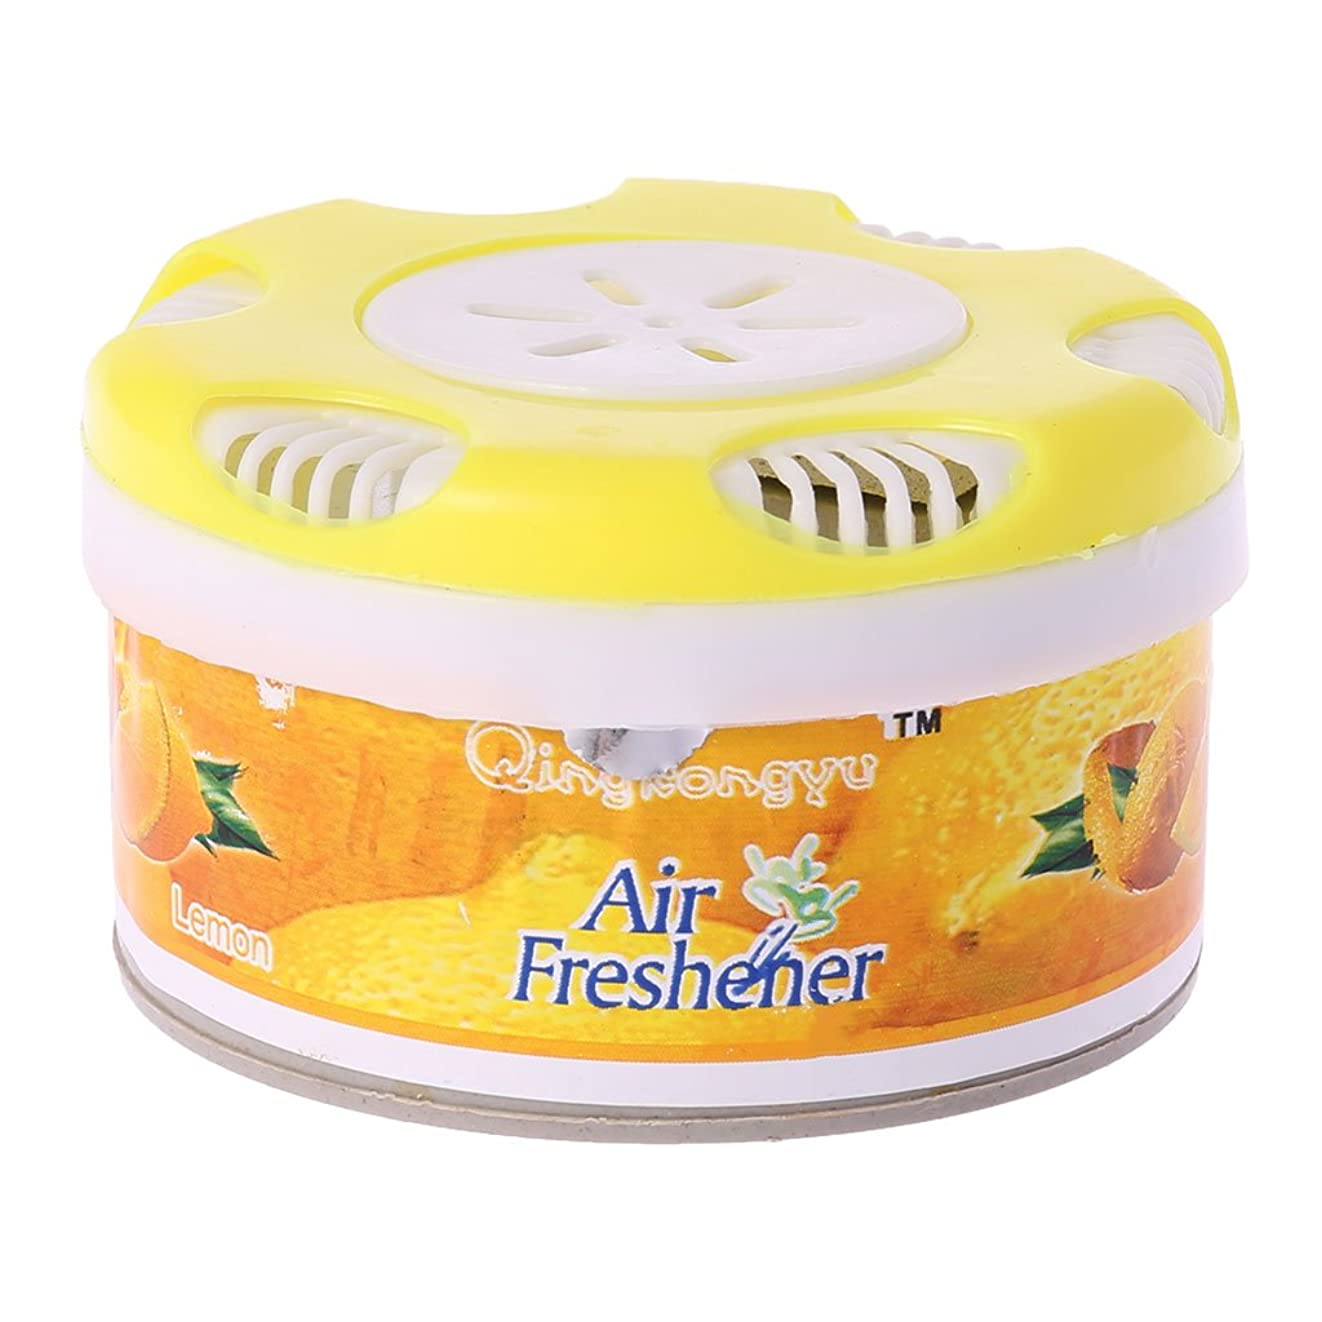 非効率的な個人製油所Dabixxソリッド香り脱臭香水ホームバスルーム室内車空気清浄機 - 03